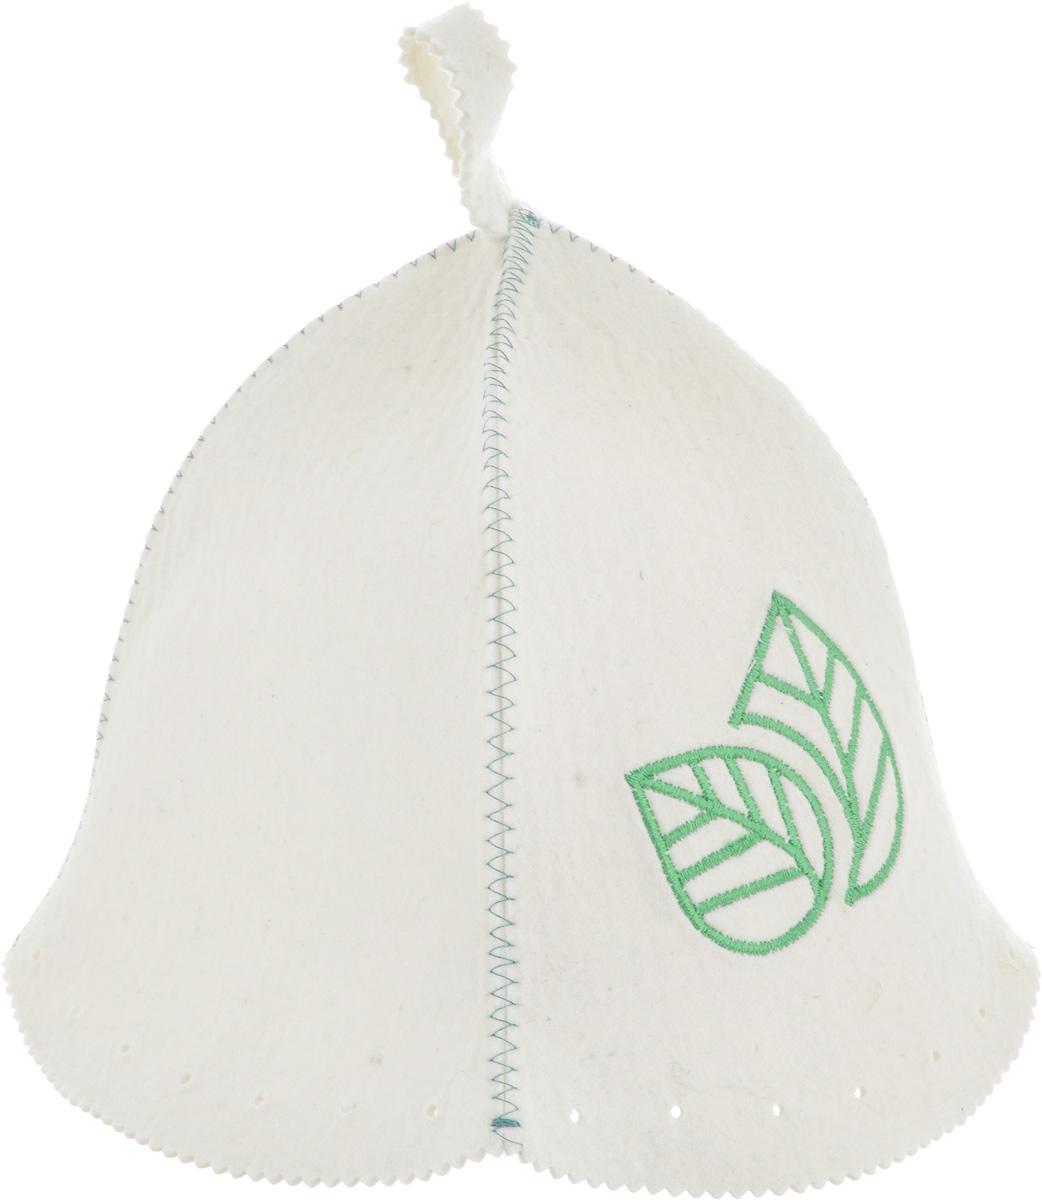 """Шапка для бани и сауны Доктор Баня """"Классическая. Листок"""",  изготовленная из войлока (100% шерсть), станет незаменимым аксессуаром  для любителей попариться в русской бане и для тех, кто  предпочитает сухой жар финской бани. Шапка оформлена  вышивкой в виде листов. Шапка защитит от головокружения в бане и перегрева головы, а  также предотвратит ломкость волос. С помощью специальной  петельки шапку удобно вешать на крючок в предбаннике.   Такая шапка станет отличным подарком для любителей  отдыха в бане или сауне.  Высота шапки: 26 см.  Диаметр шапки по нижнему краю: 76 см."""